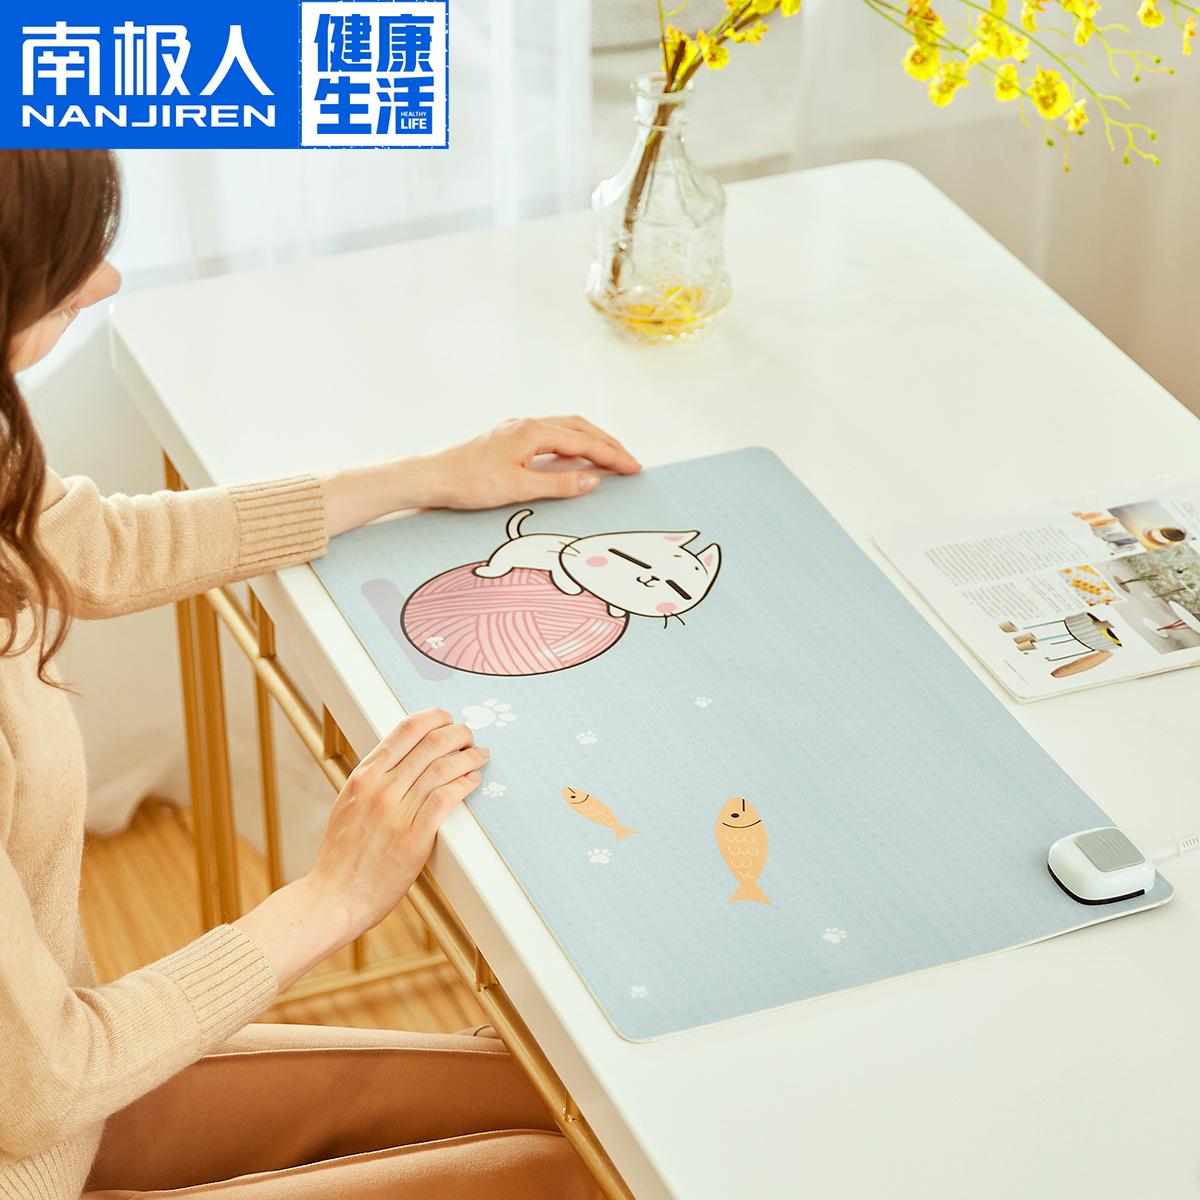 暖手桌垫加热办公室发热垫暖桌垫安全电脑鼠标垫学生写字暖手垫宝